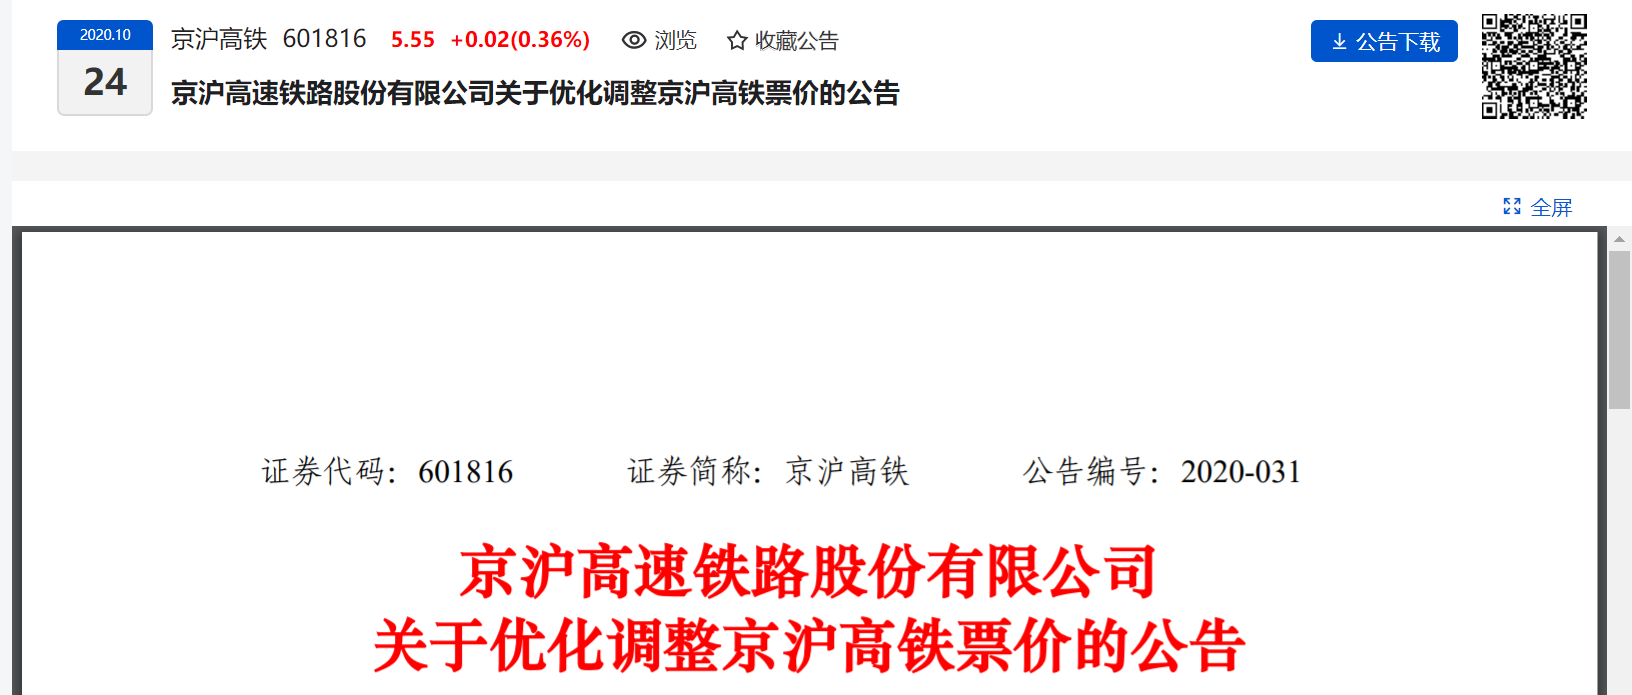 京沪高铁浮动票价要来了!商务座最高涨250元,二等座最高涨45元